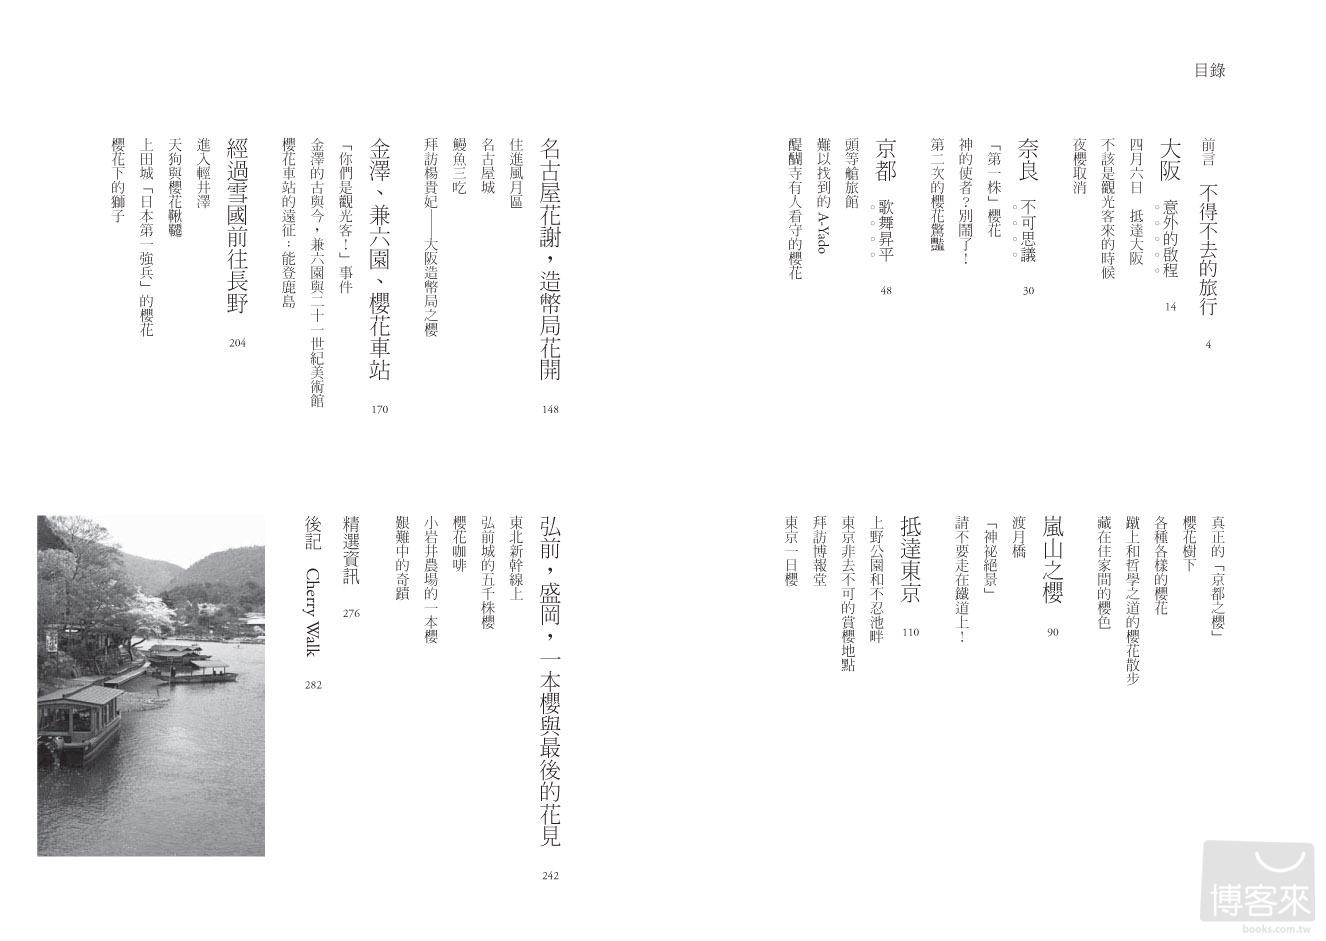 http://im2.book.com.tw/image/getImage?i=http://www.books.com.tw/img/001/057/41/0010574117_bi_01.jpg&v=510a4855&w=655&h=609